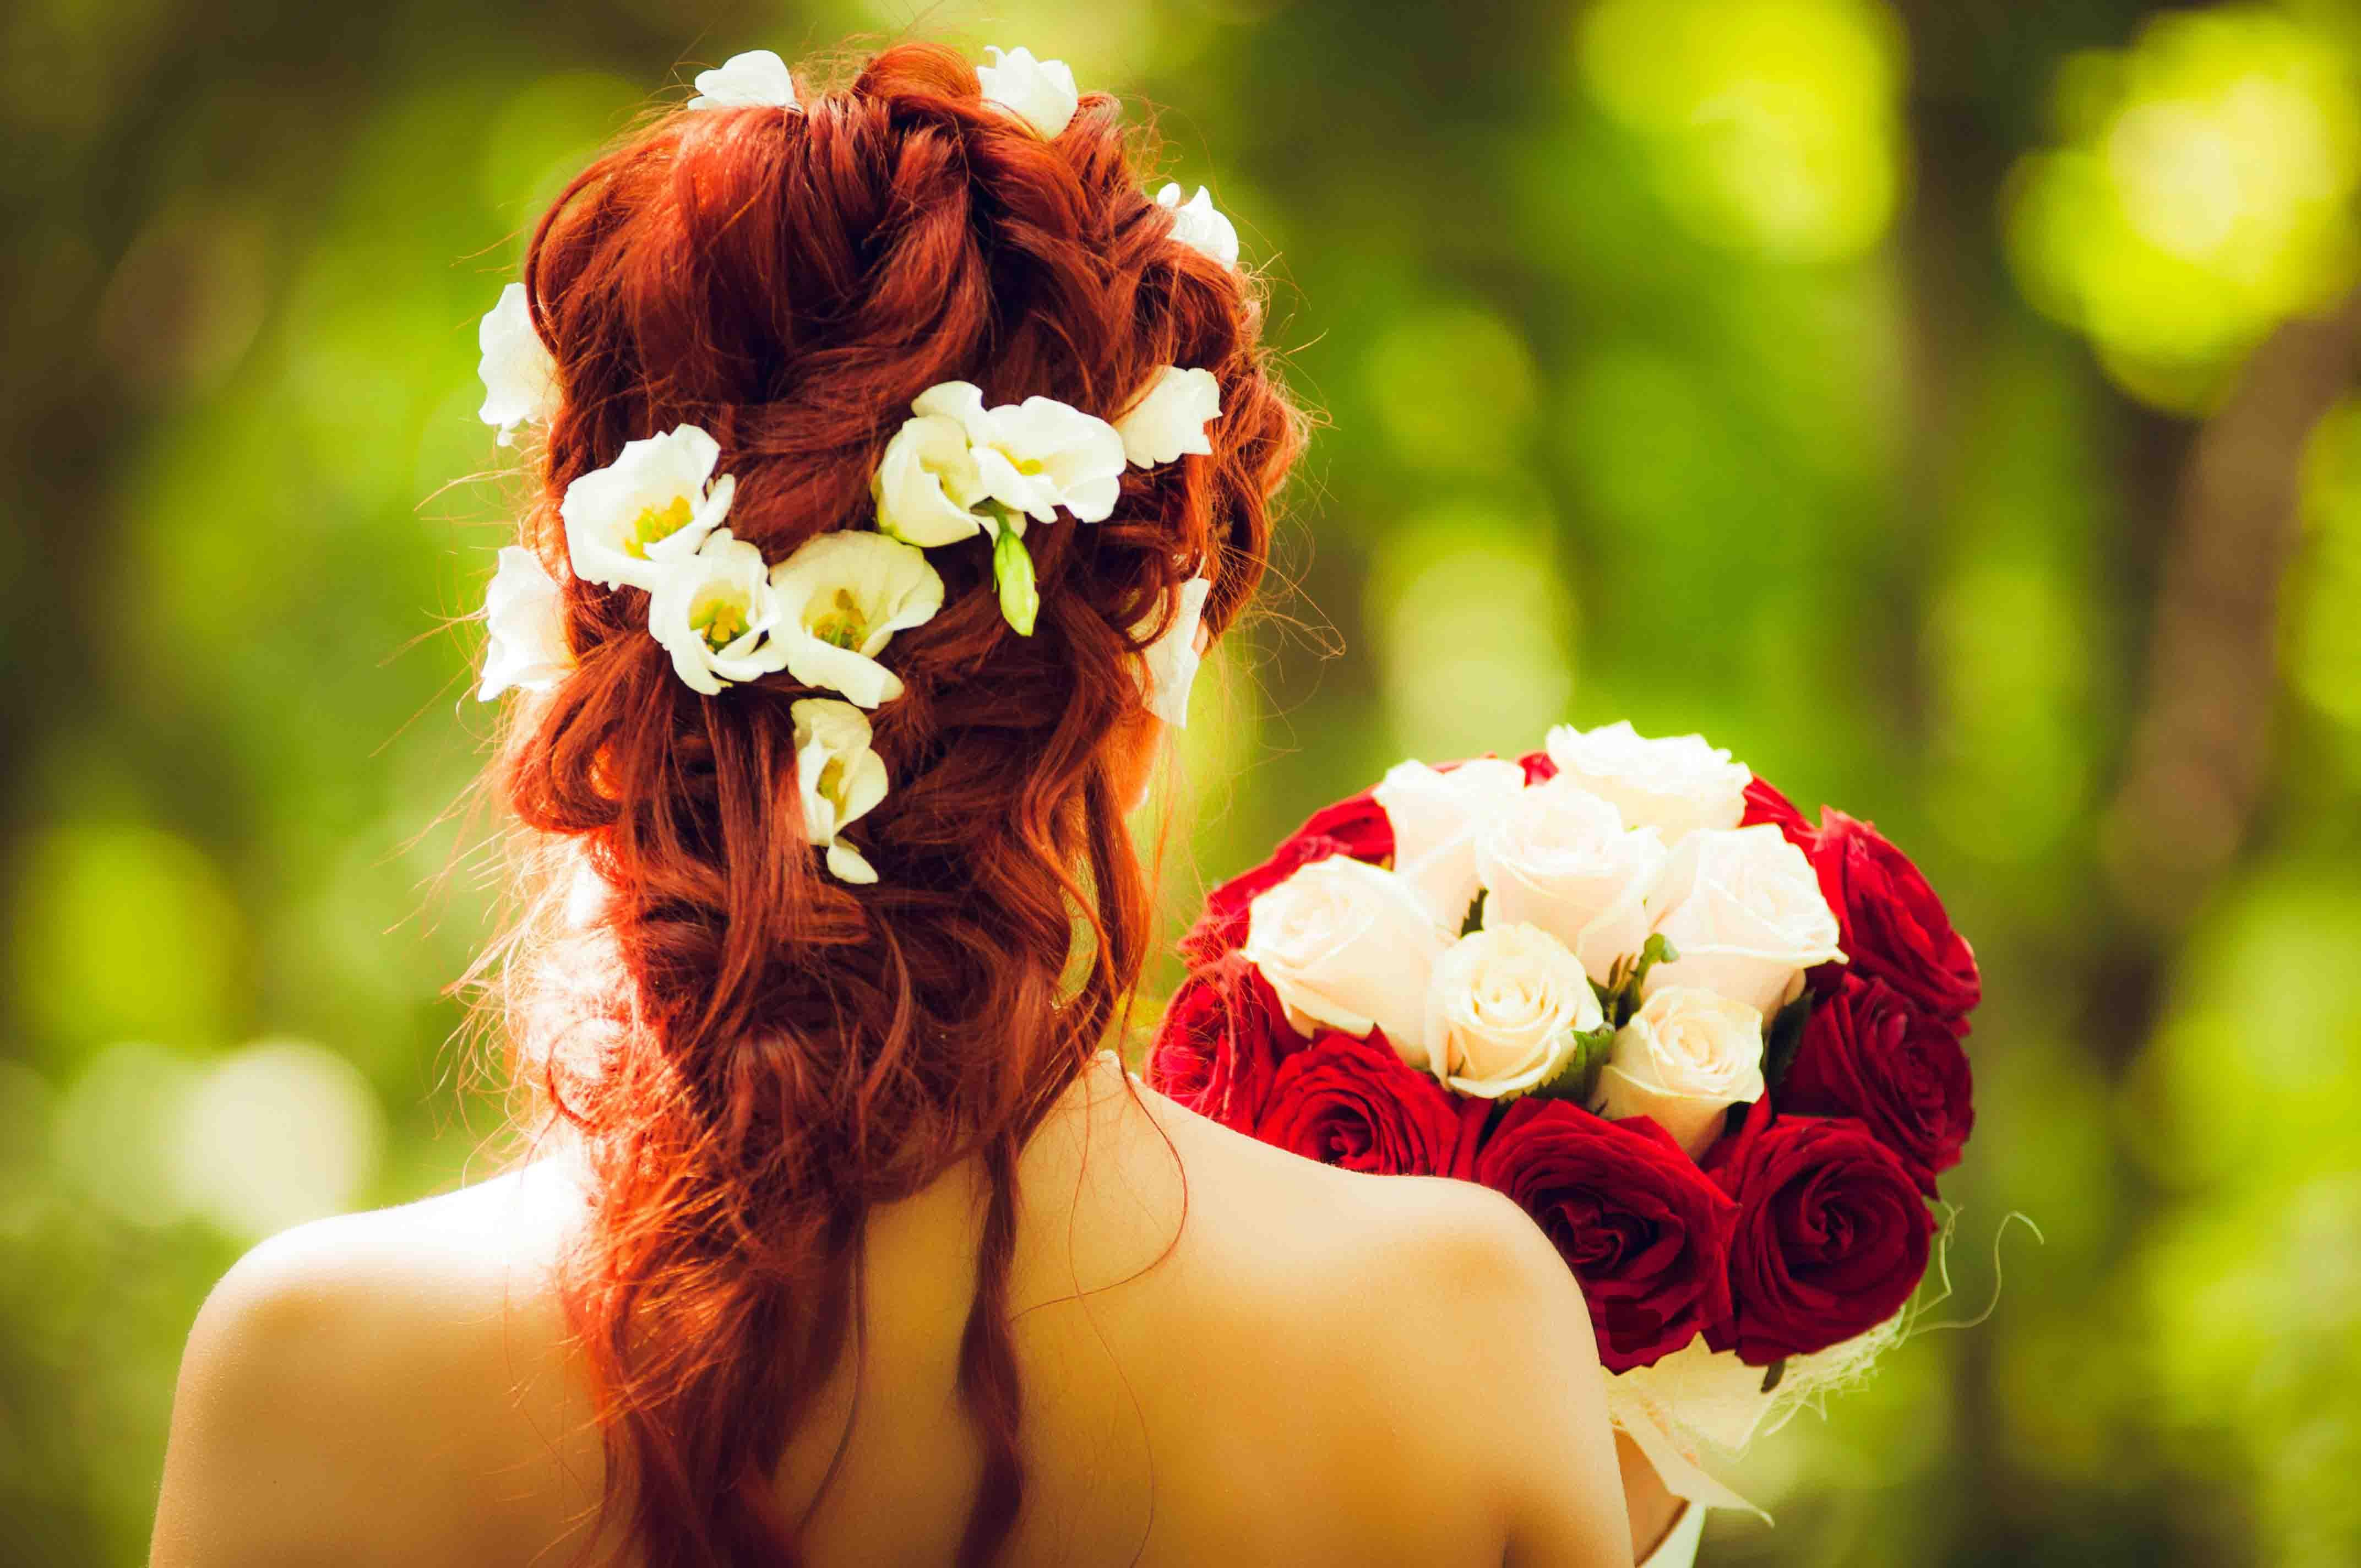 30代で結婚したい女性が選ぶポイントは?婚活マッチングサイト選びのコツ